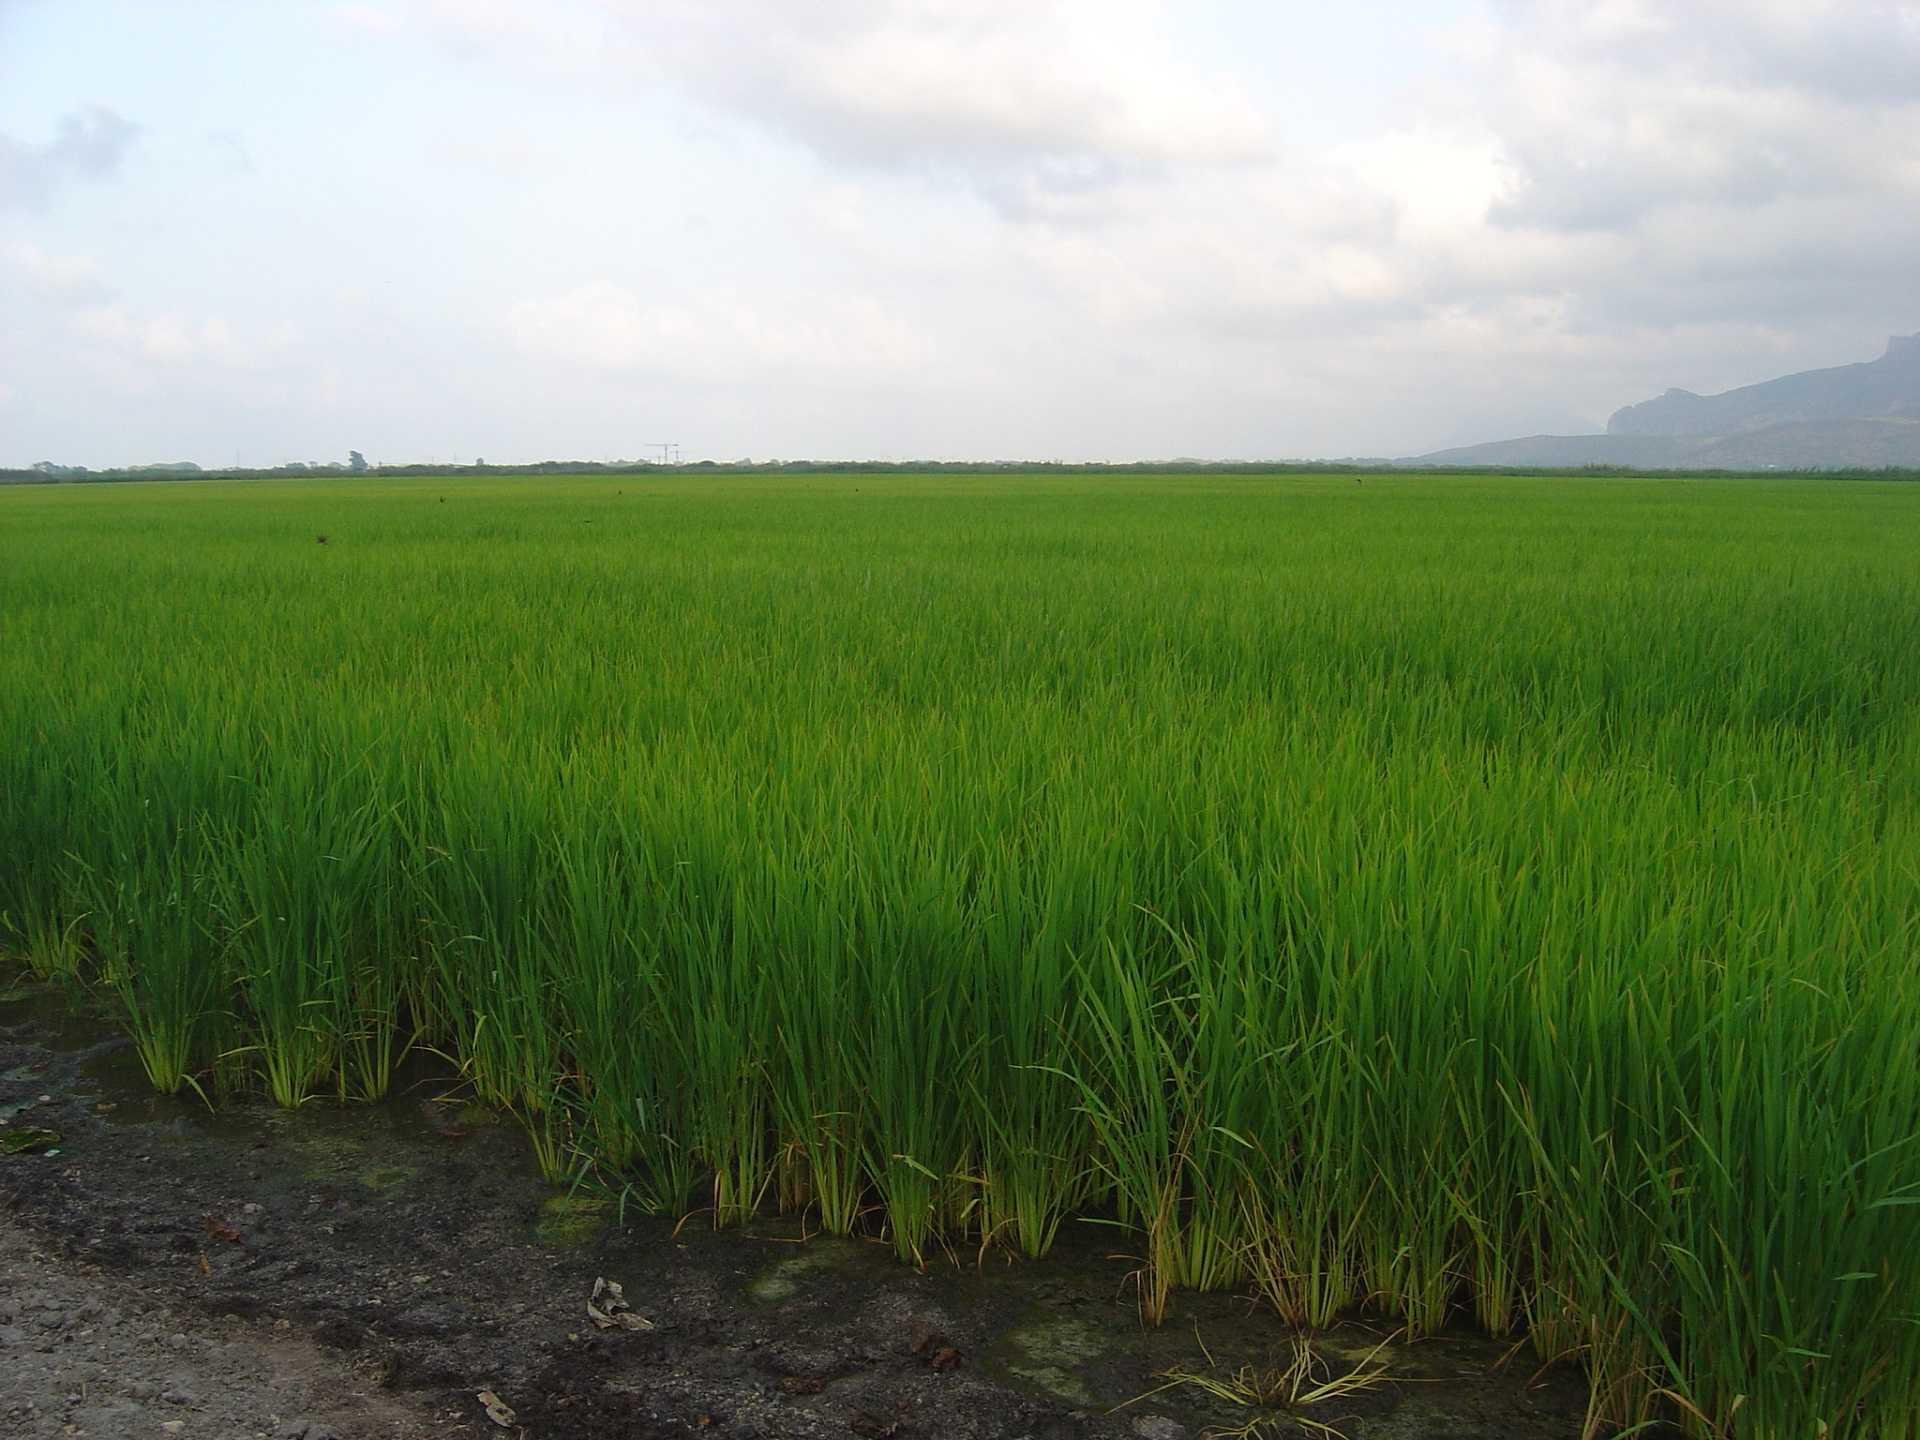 https://multimedia.comunitatvalenciana.com/20700A991CCD44FDB625B96F505C66B1/img/2279DB2F6E3747D0867D7DEADD4B2E77/Pego_arroz_4.jpg?responsive